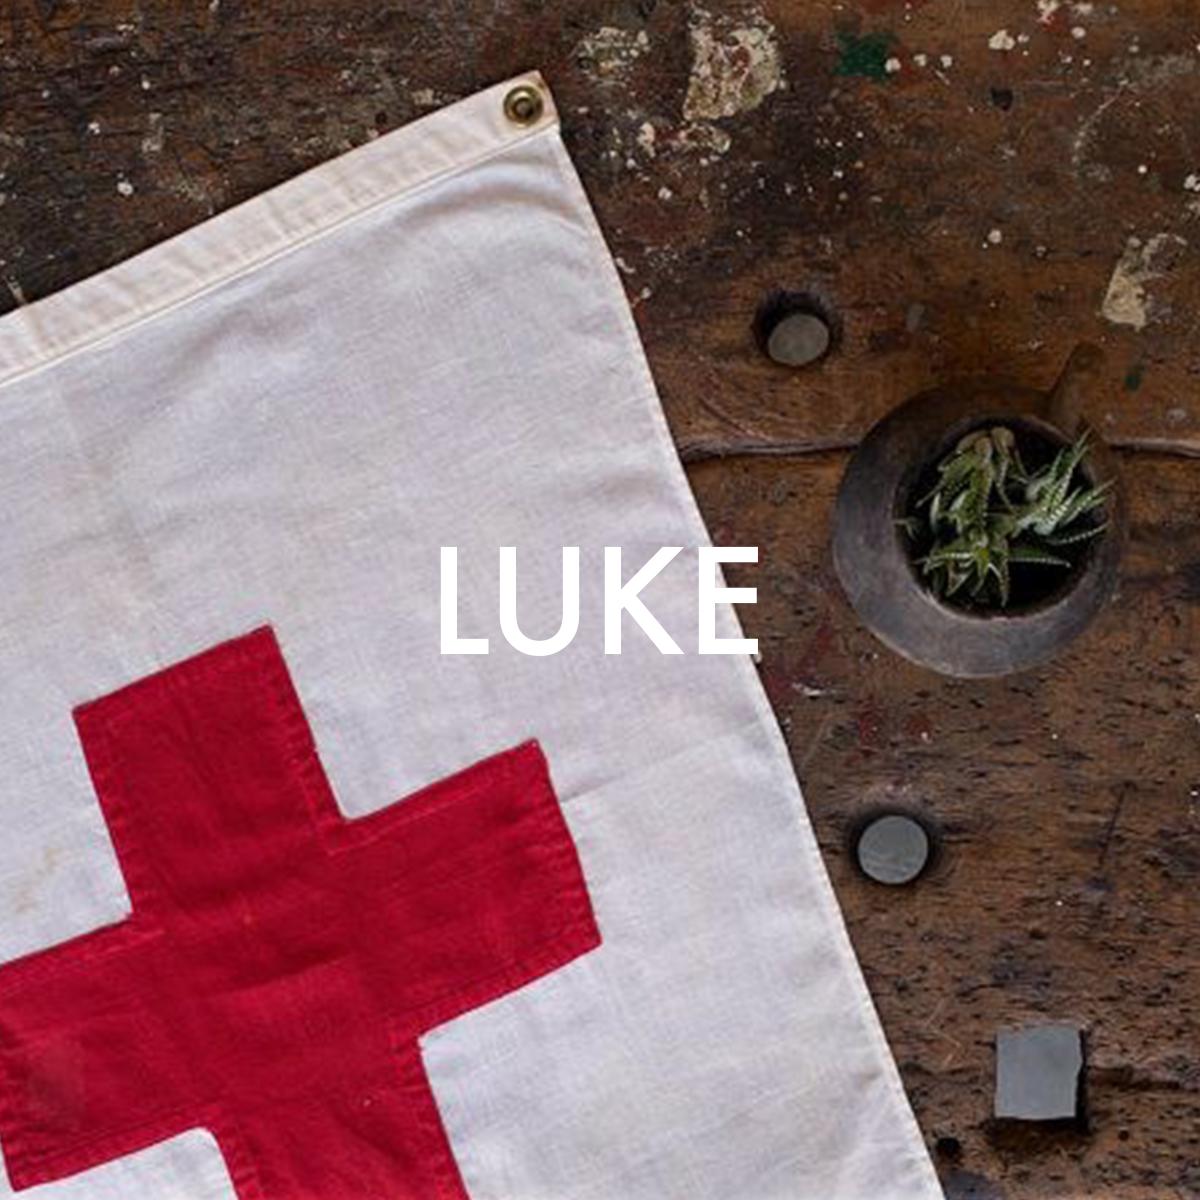 Lukesermonartwebsite.jpg